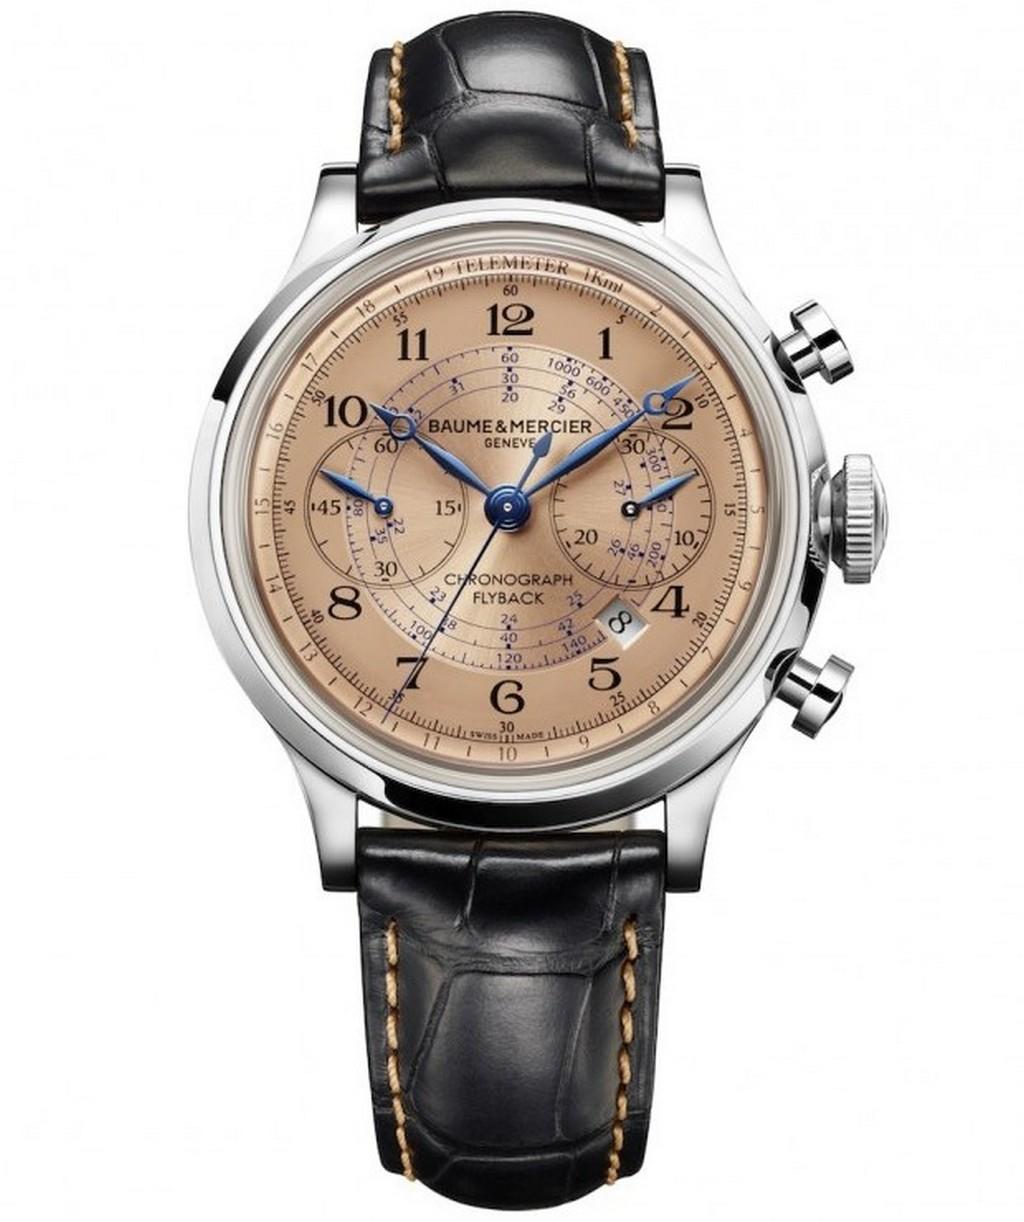 Baume & Mercier Capeland L.E. USA Cronografo Flyback